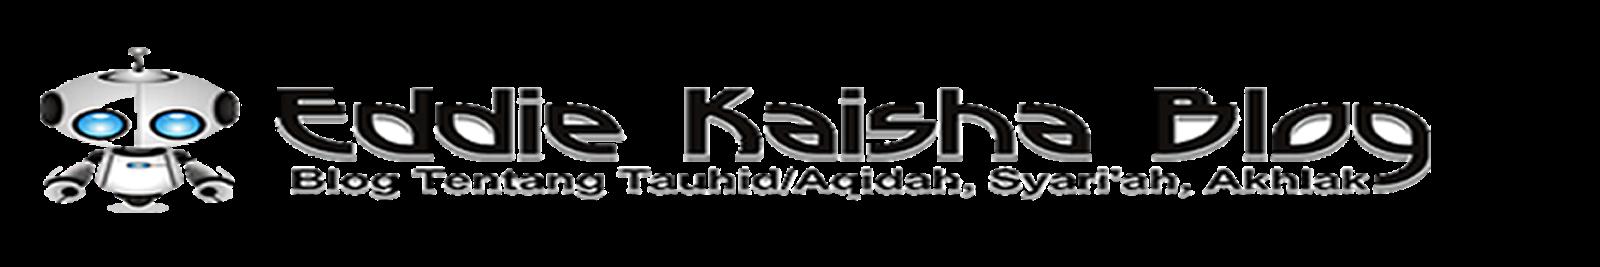 Eddie Kaisha Blog